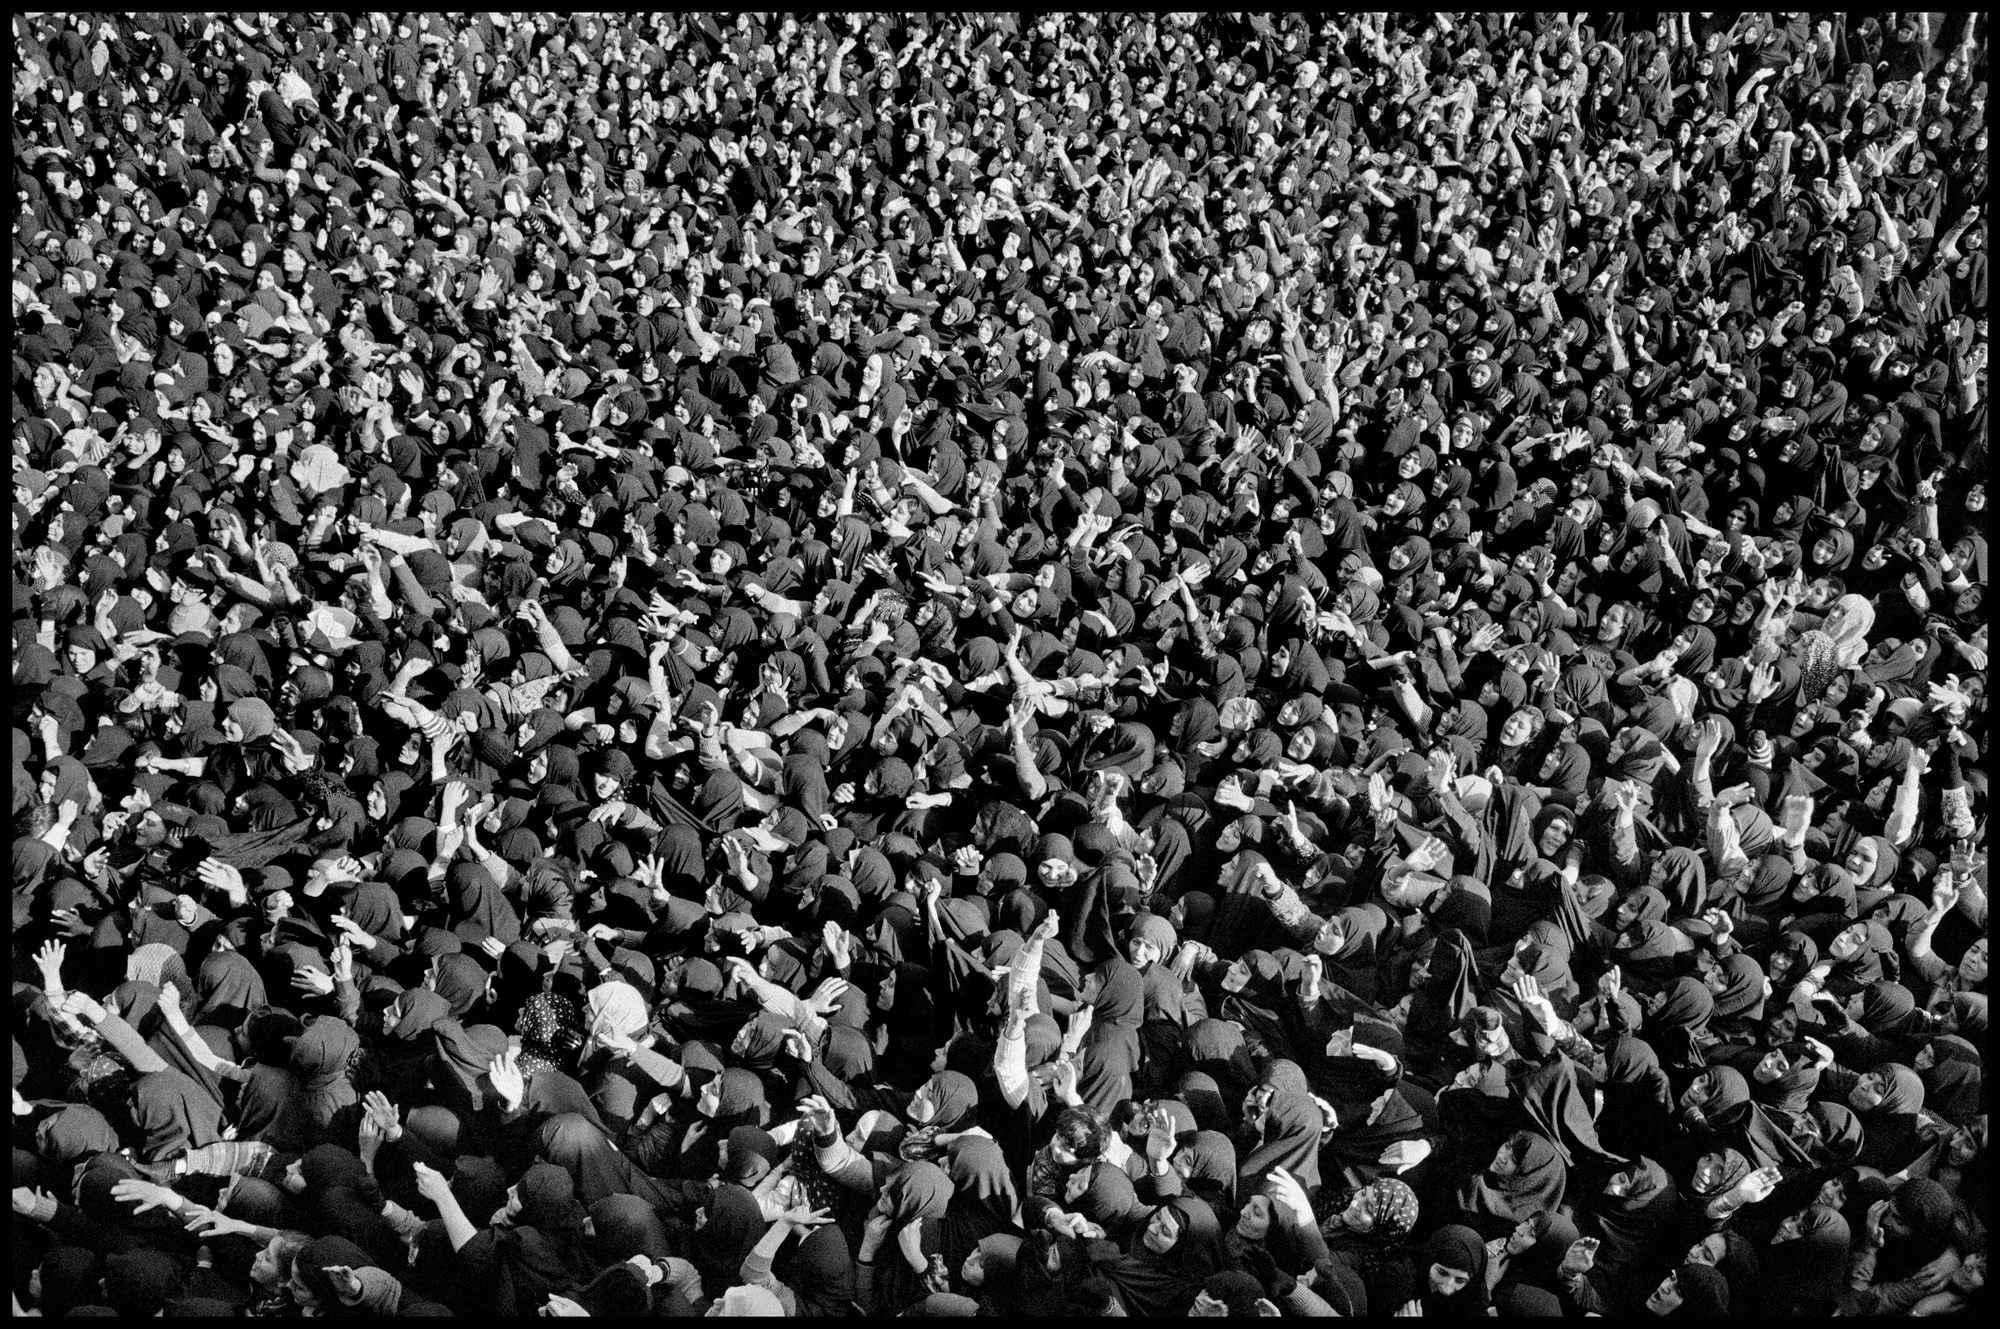 0107 - شهروندِ جهان (عباس عطار ۱۳۲۳-۱۳۹۷) - مگنوم, عکس اجتماعی, عباس عطار, شهروند جهان